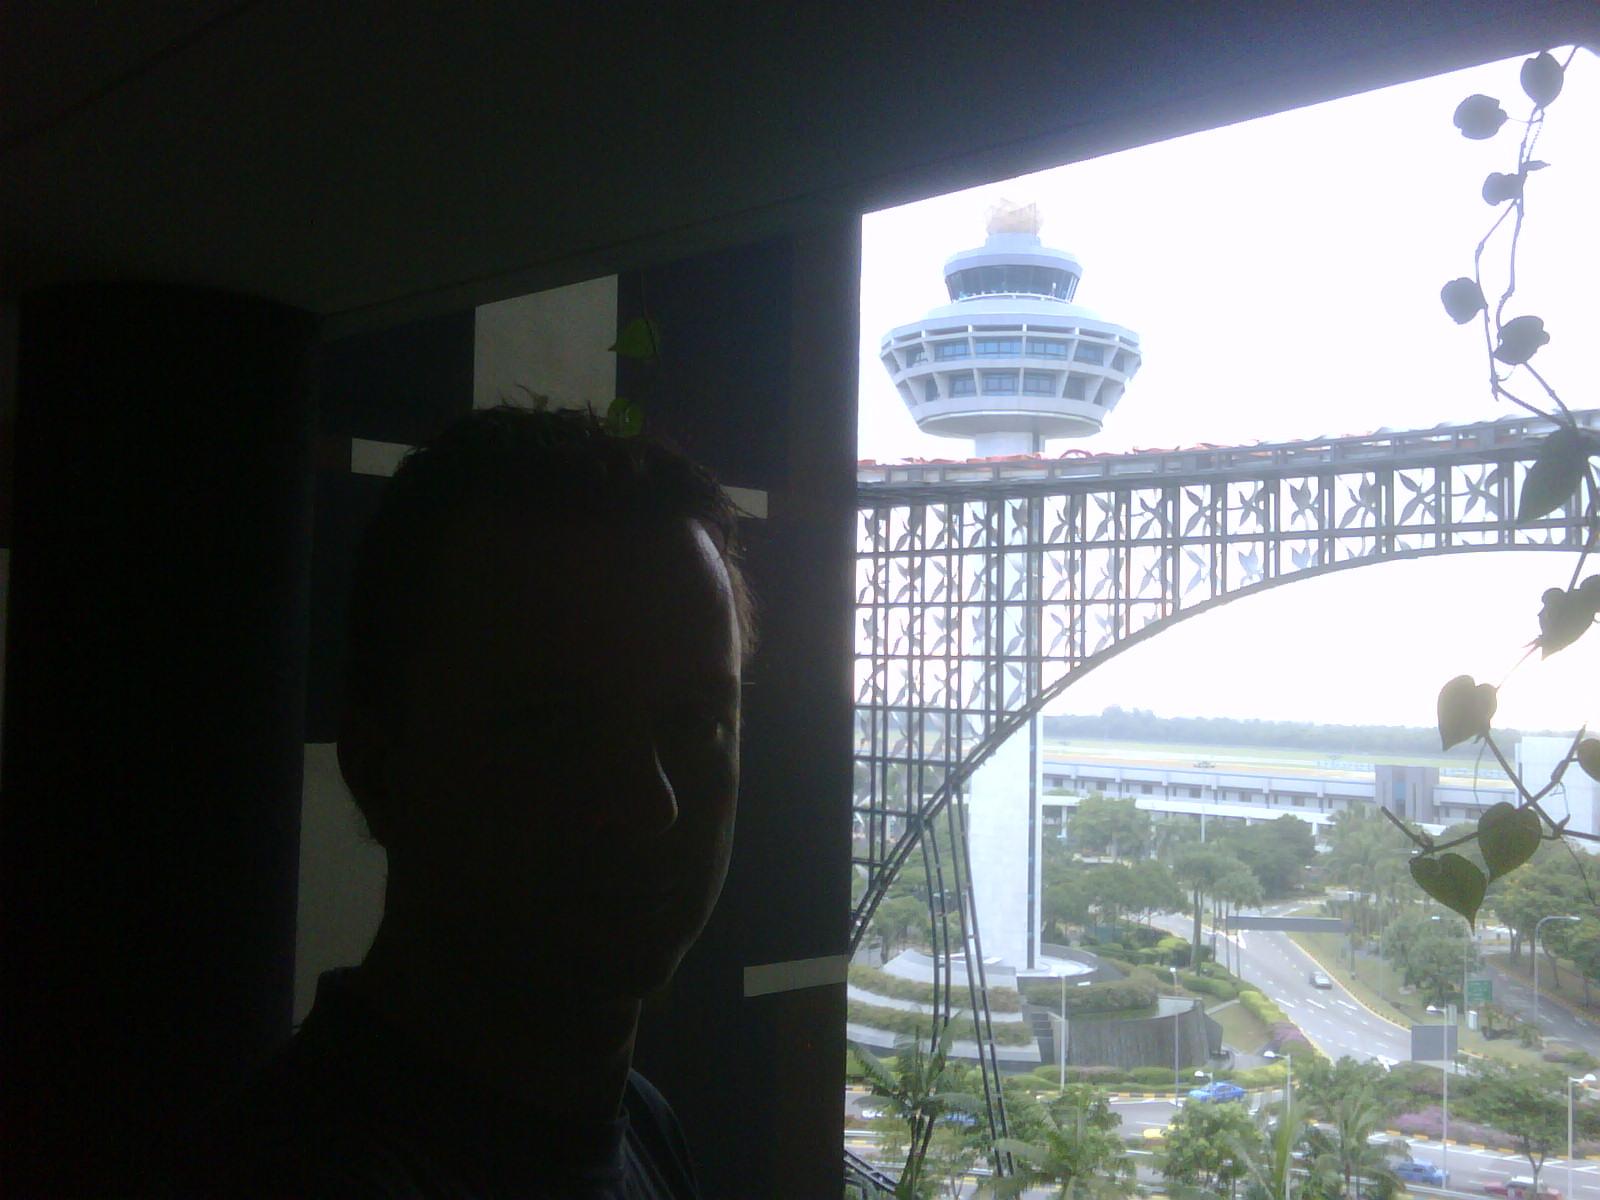 Changi Weather Radar - Singapore Image